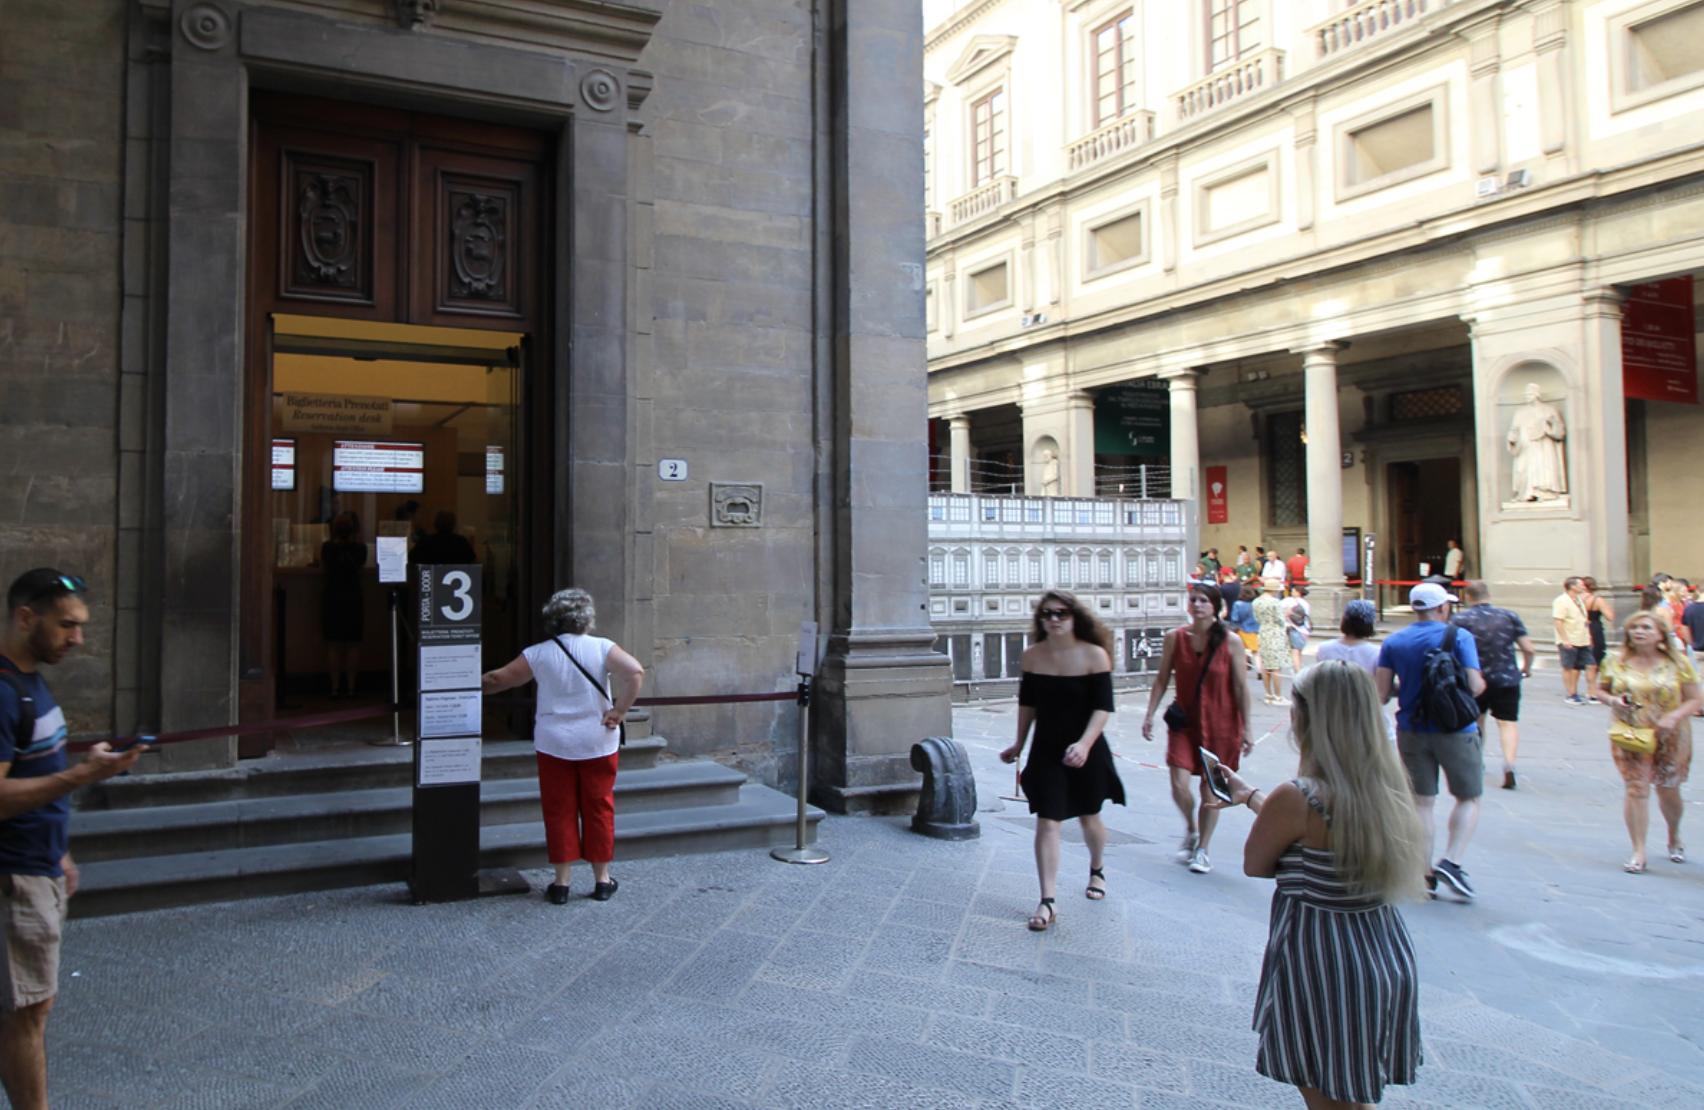 Uffizi Gallery - Door n. 3